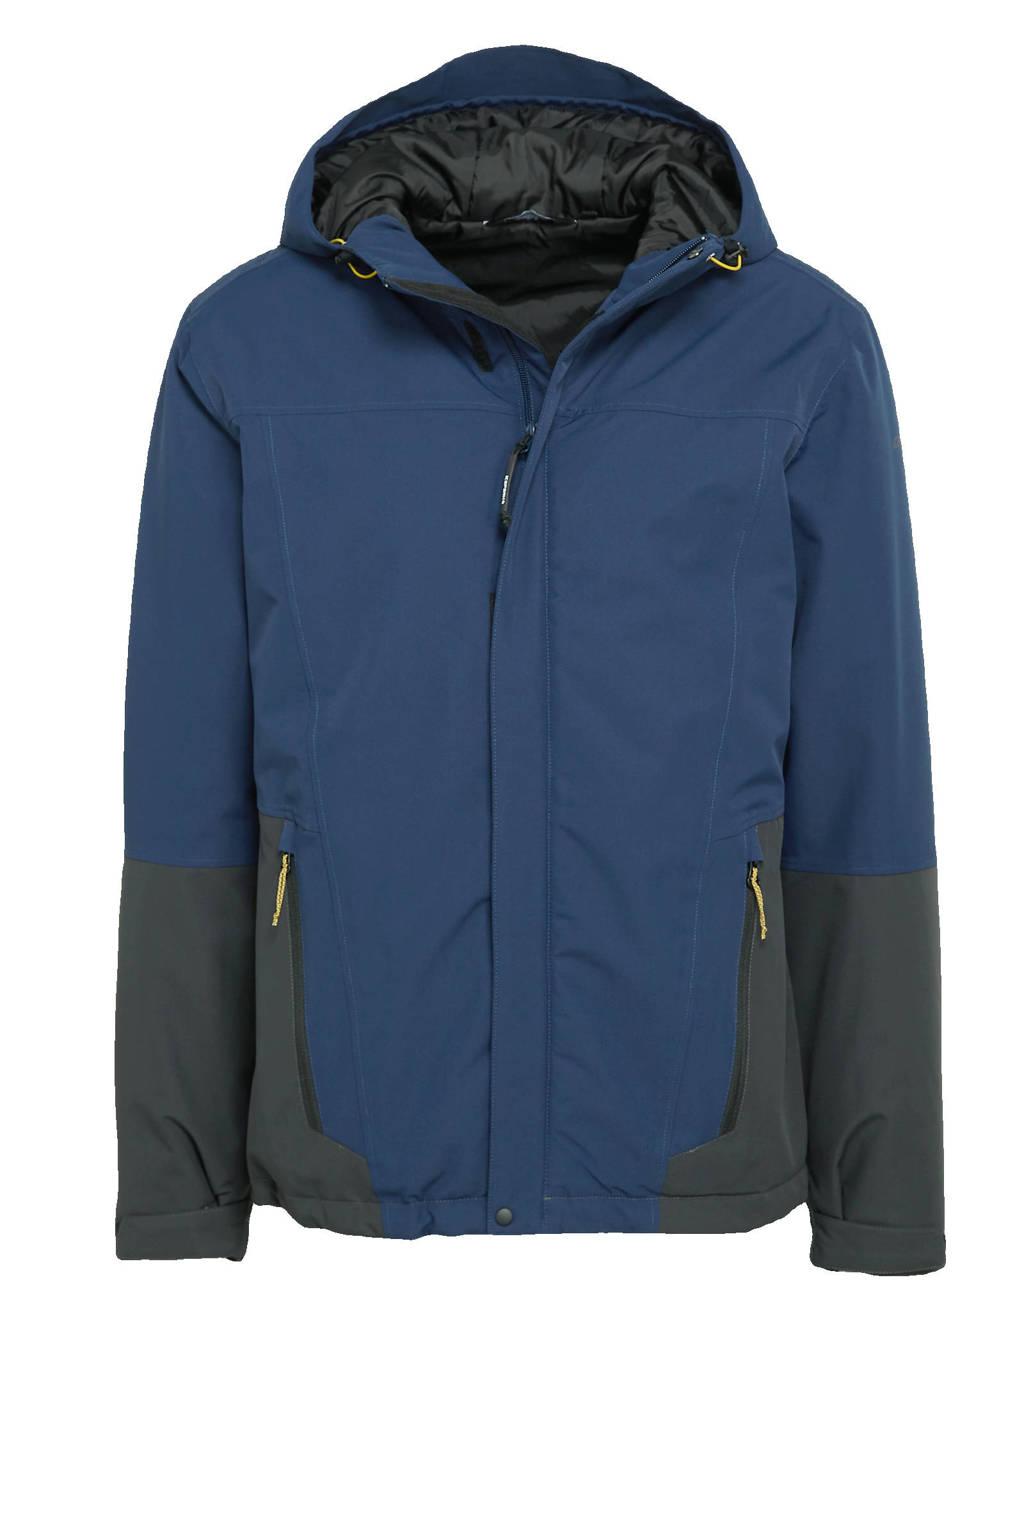 Icepeak outdoor jas Blades blauw, Blauw